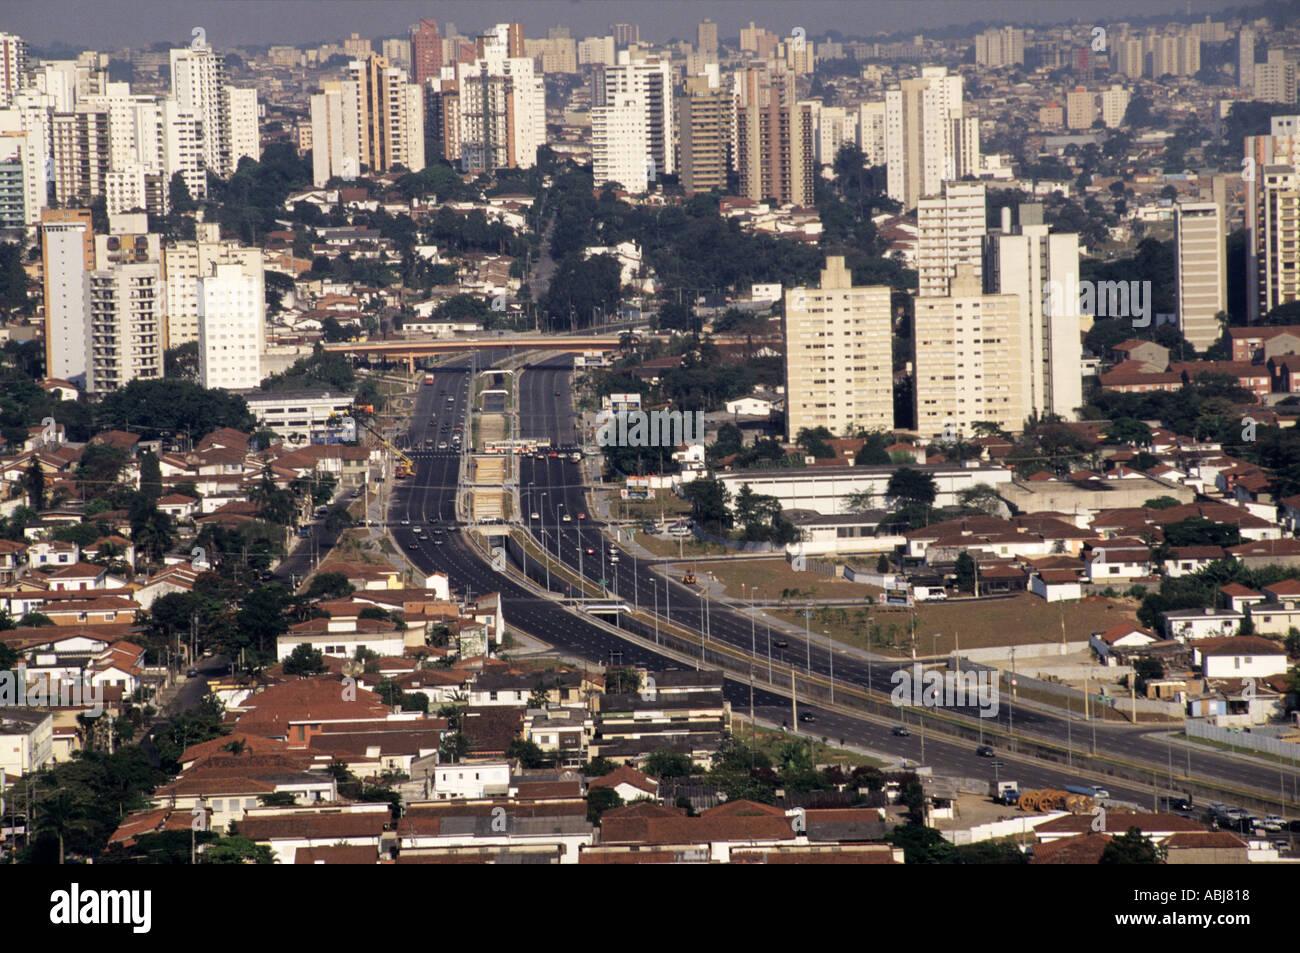 Sao Paulo, Brésil. Sommaire des bureaux de grande hauteur et les bâtiments résidentiels dans le centre-ville avec 8 cariageway dual lane road Photo Stock